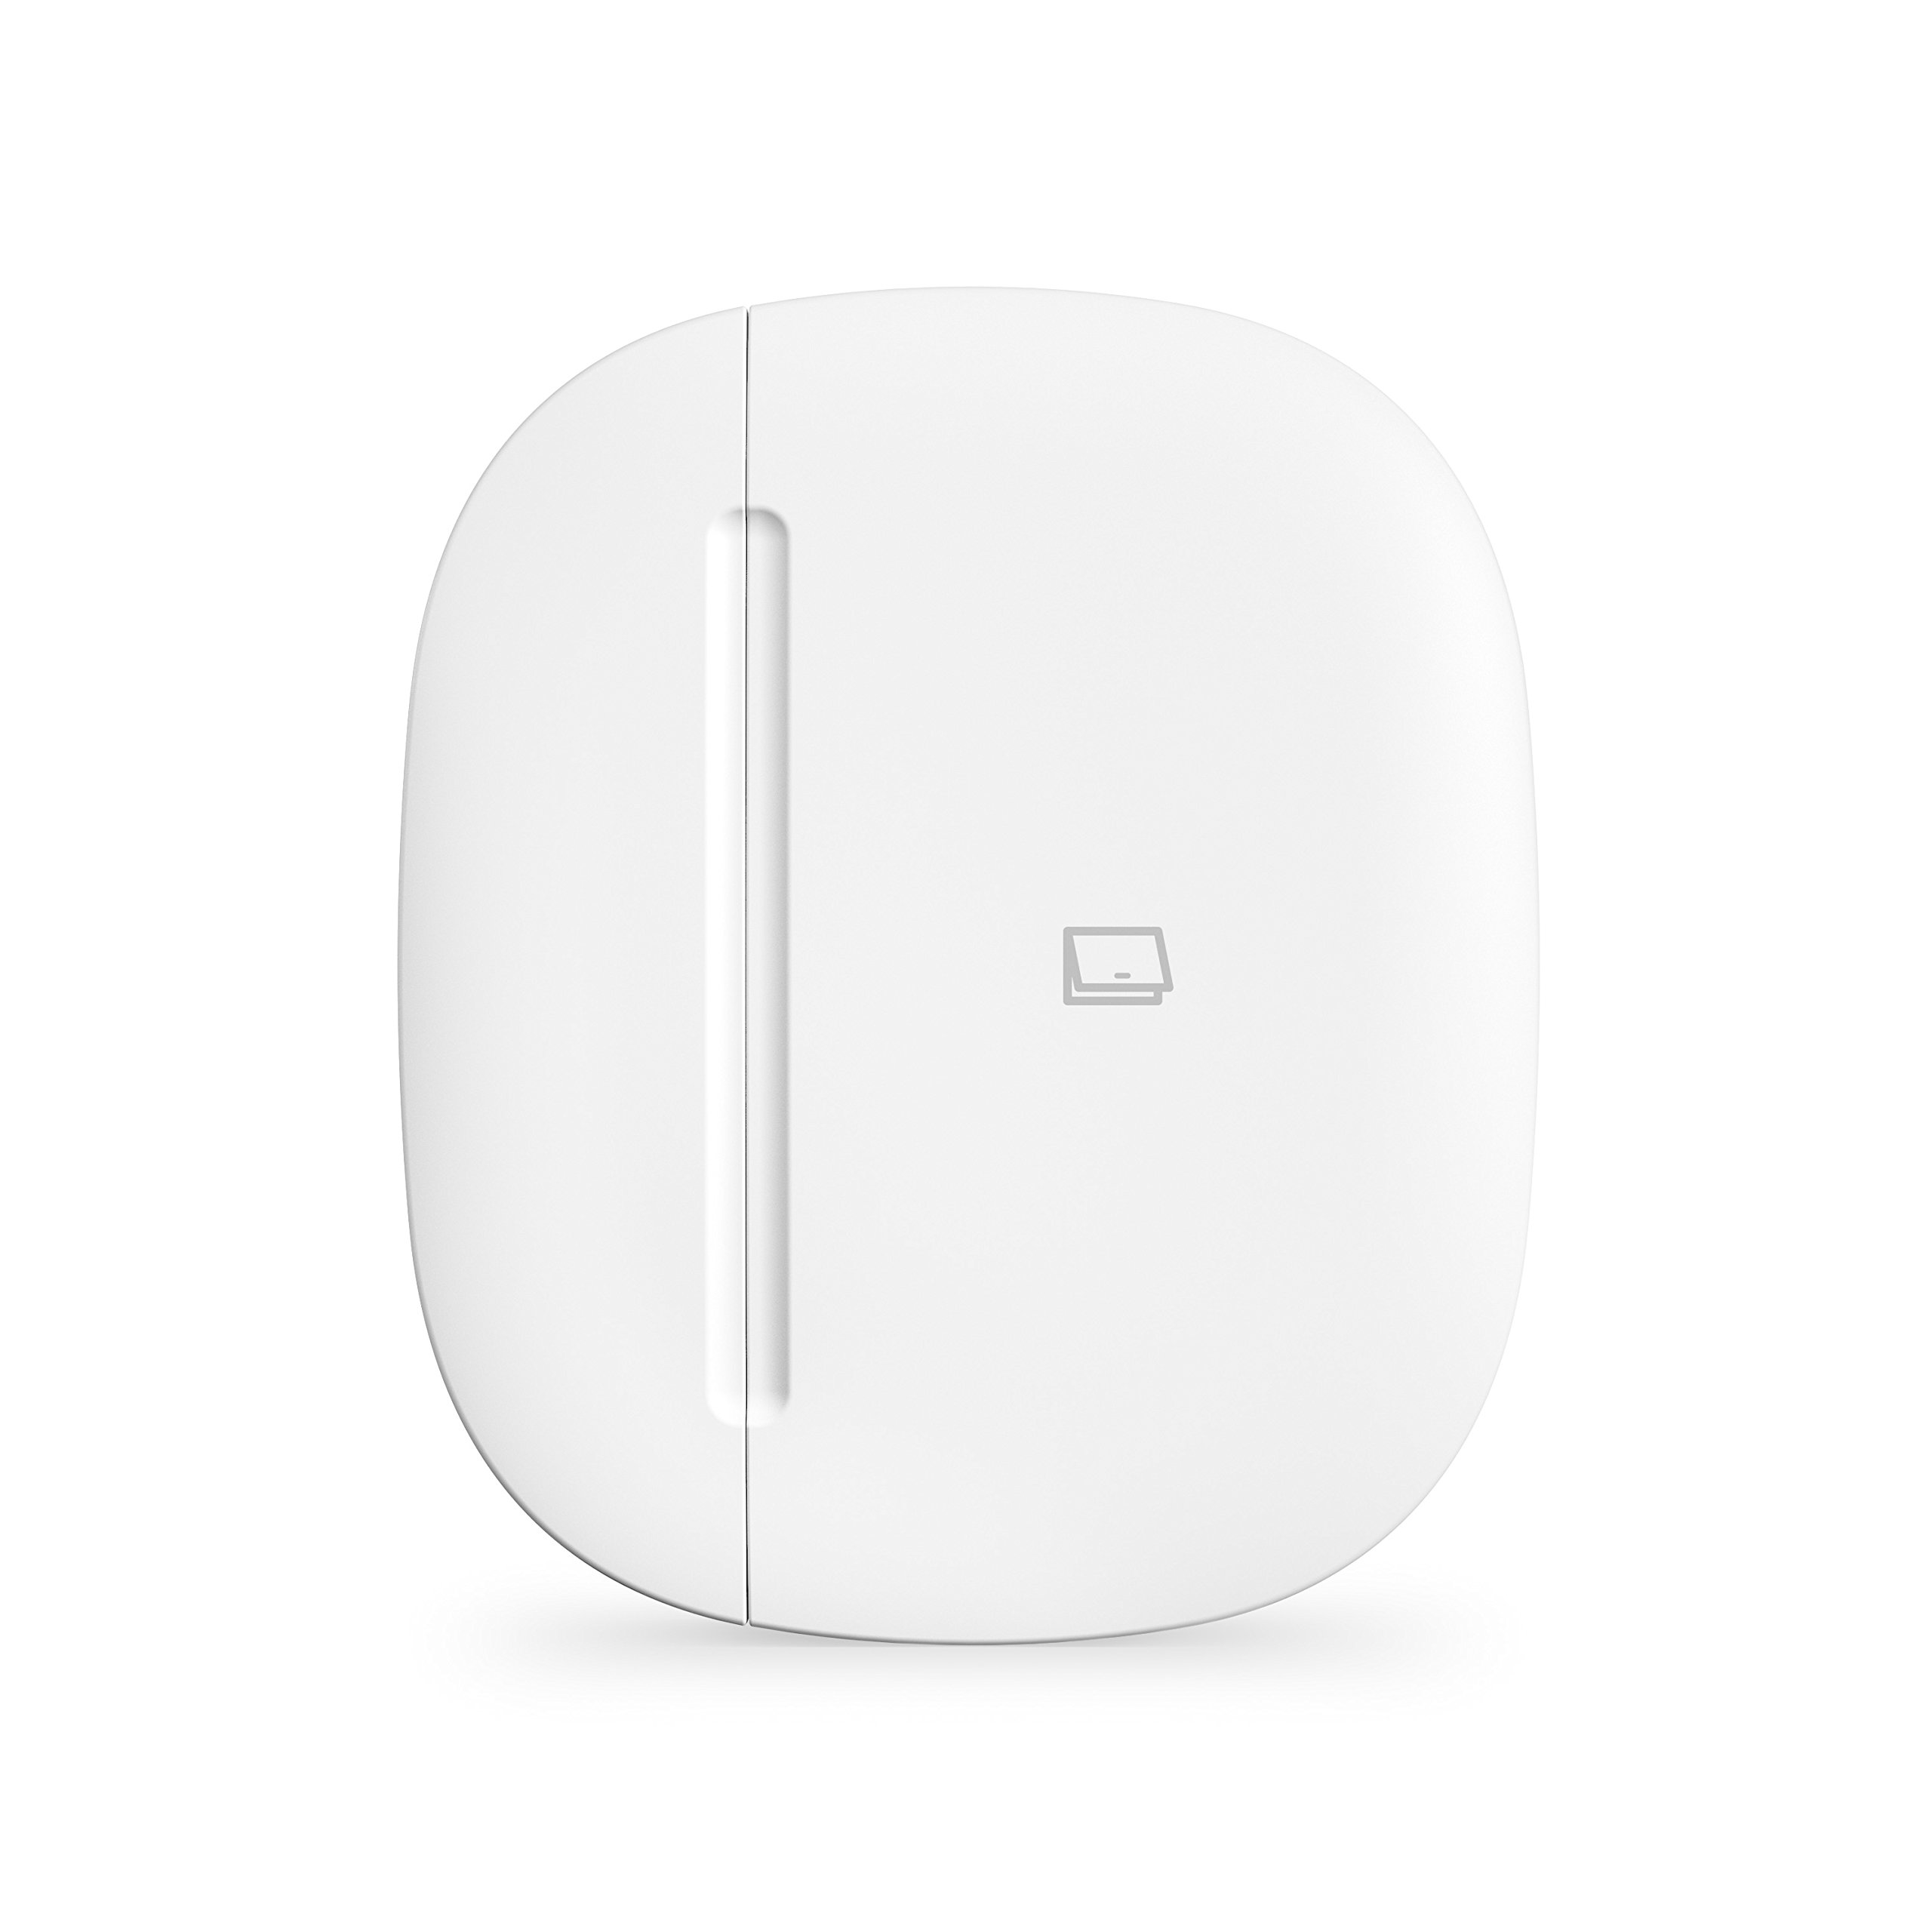 Samsung SmartThings Multipurpose Sensor [GP-U999SJVLAAA] Door & Window Sensor - Alexa Compatible - White